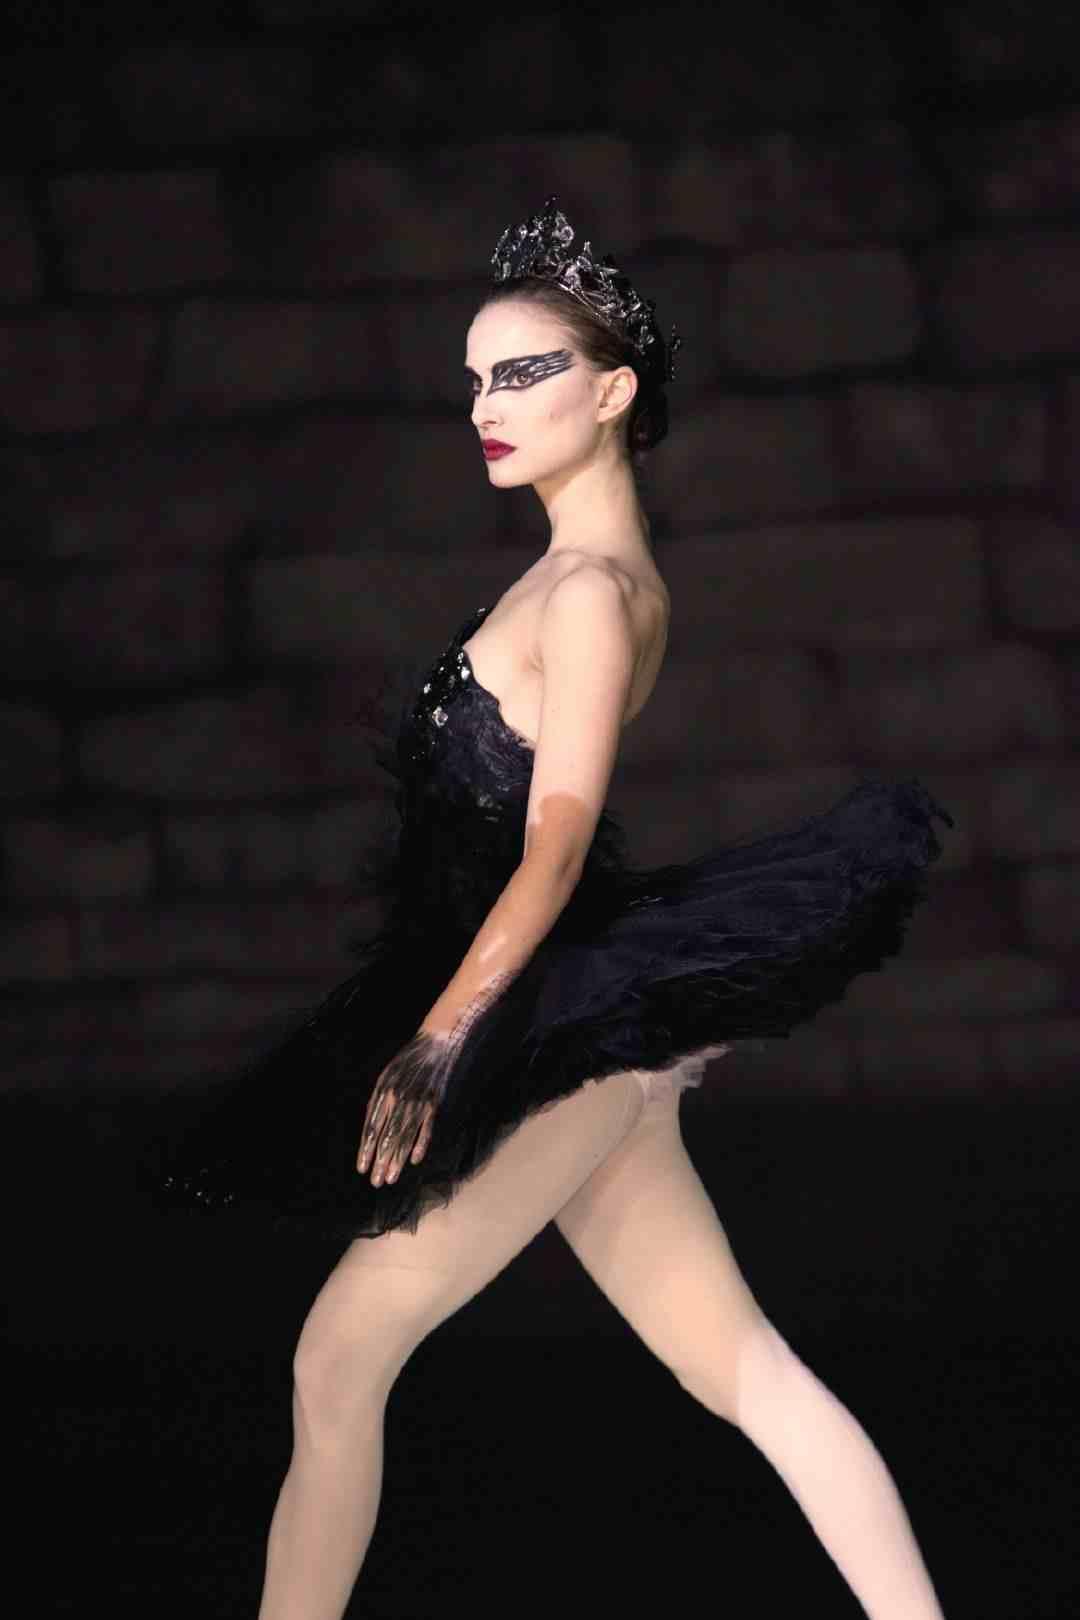 娜塔莉波特曼的《黑天鹅》让观众为之沸腾